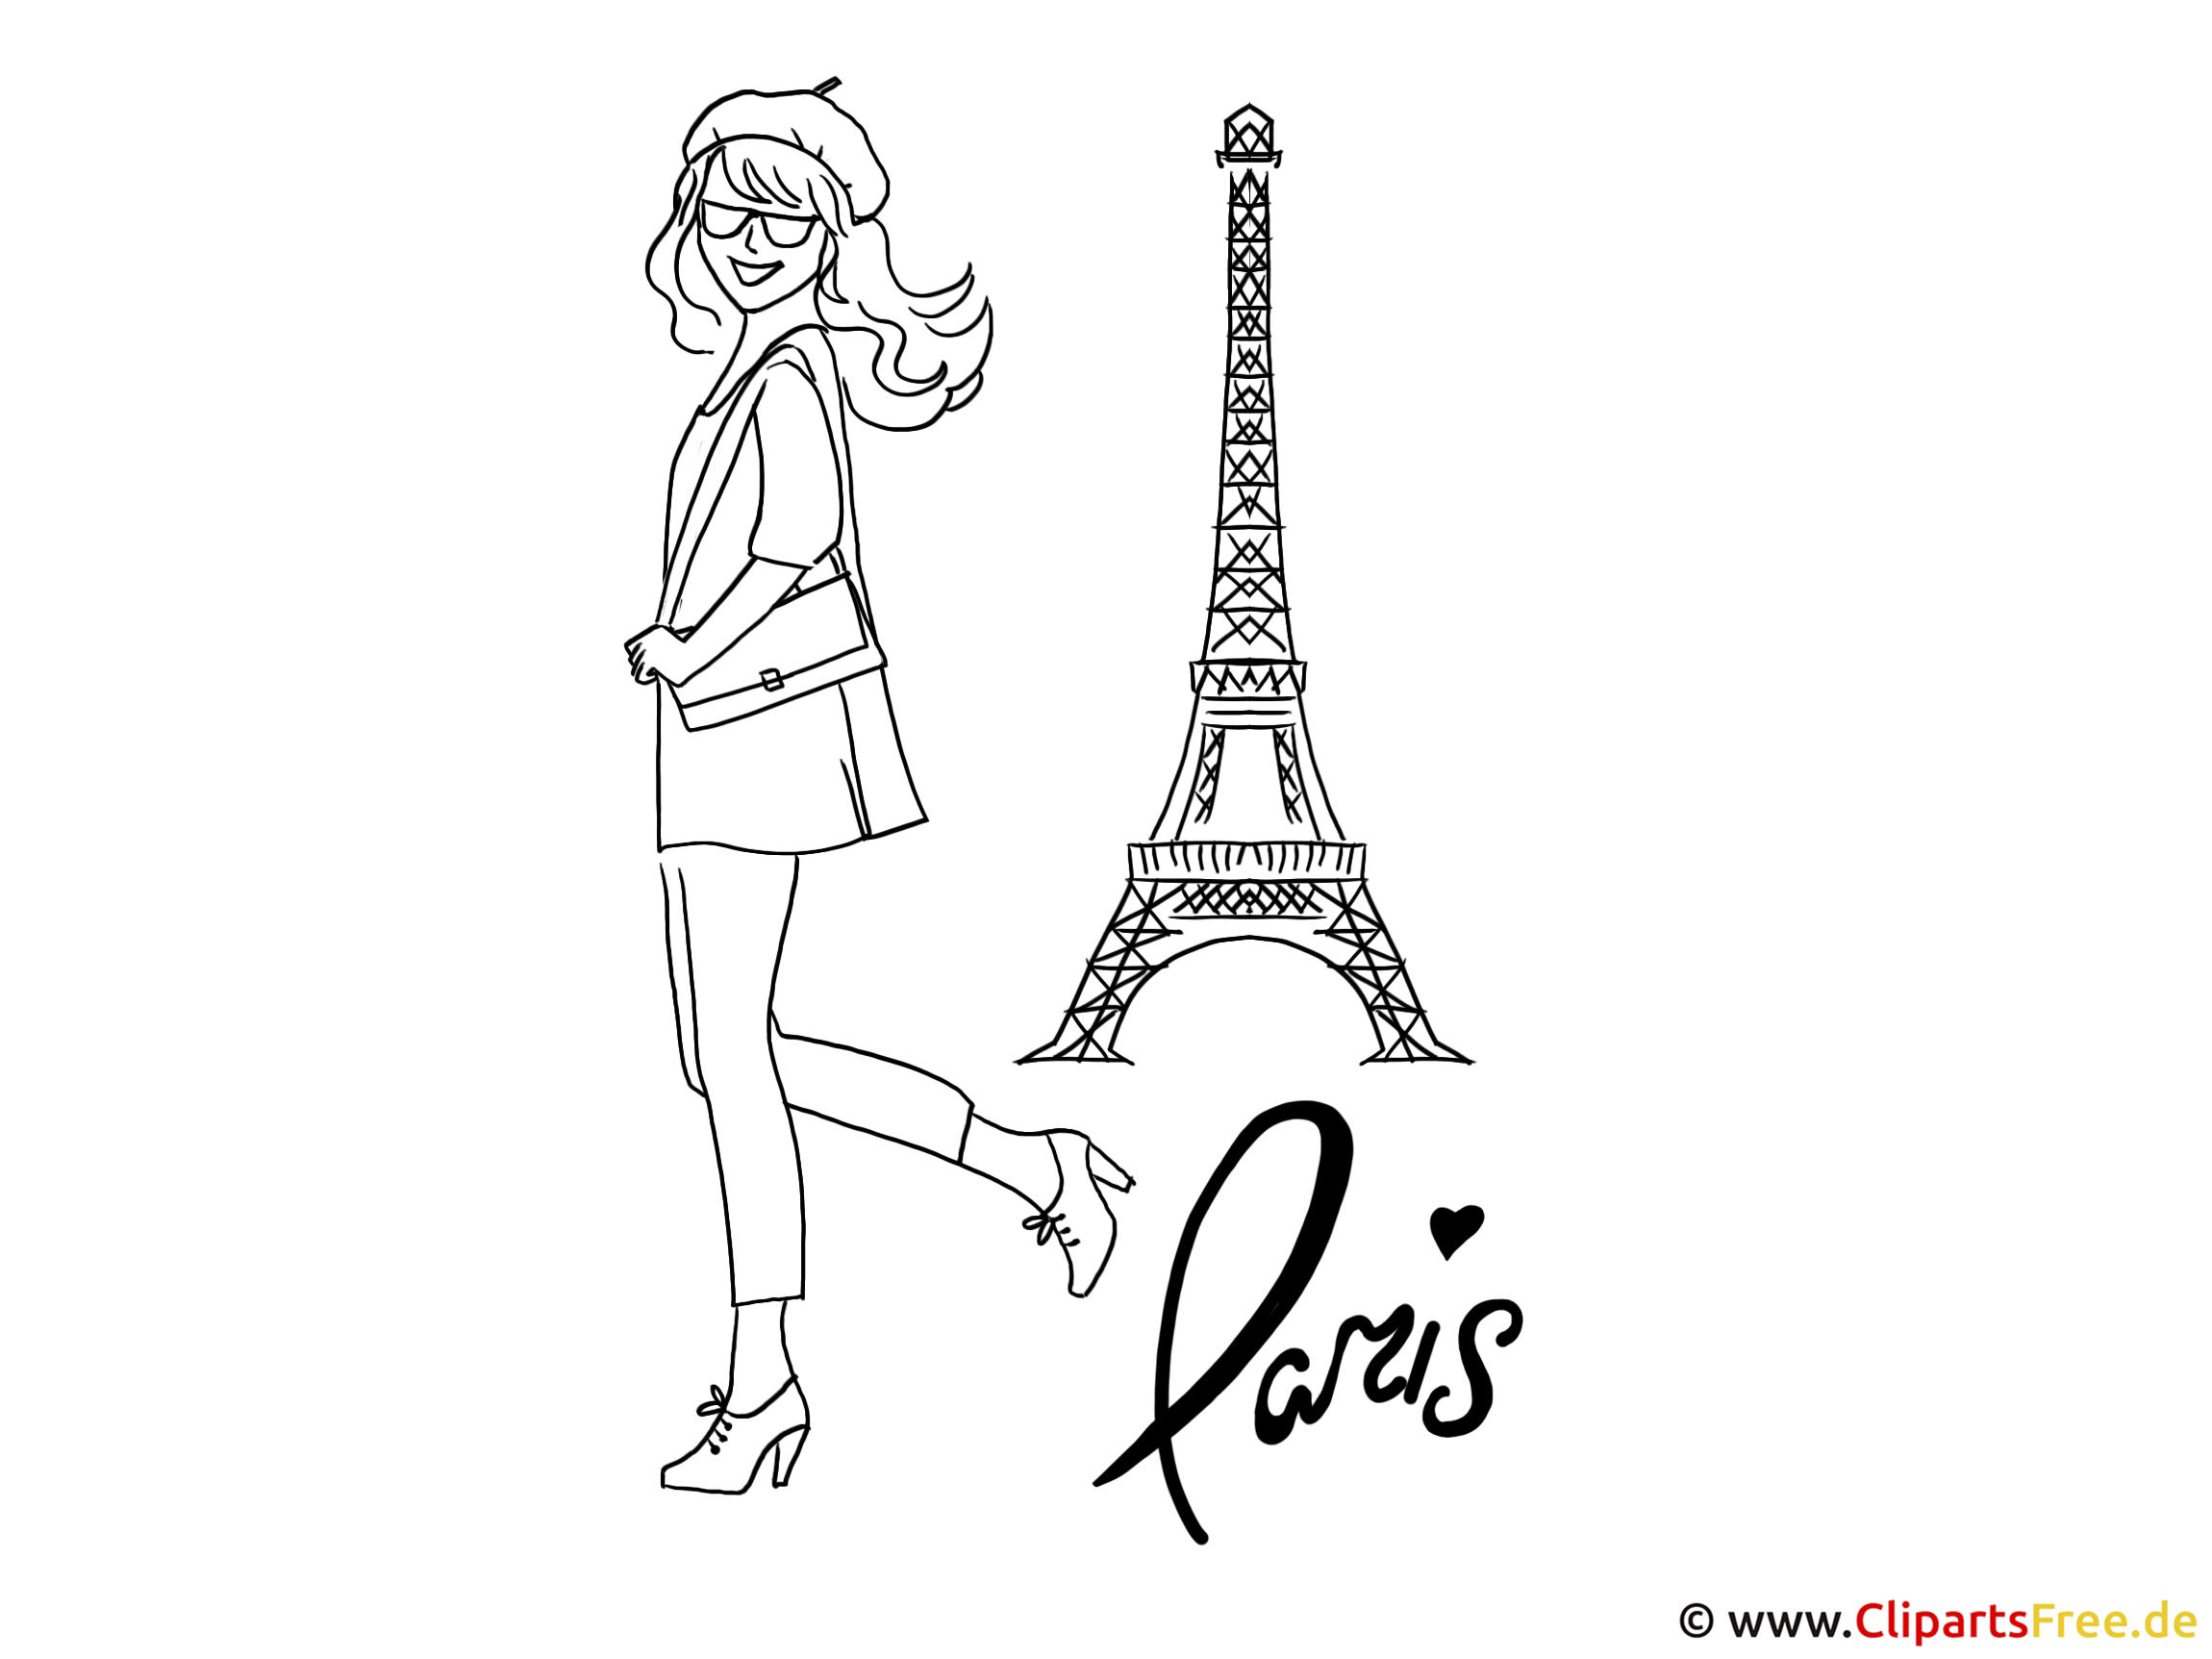 Eifelturm Clipart - Paris Bilder, Zeichnungen in Hochauflösung